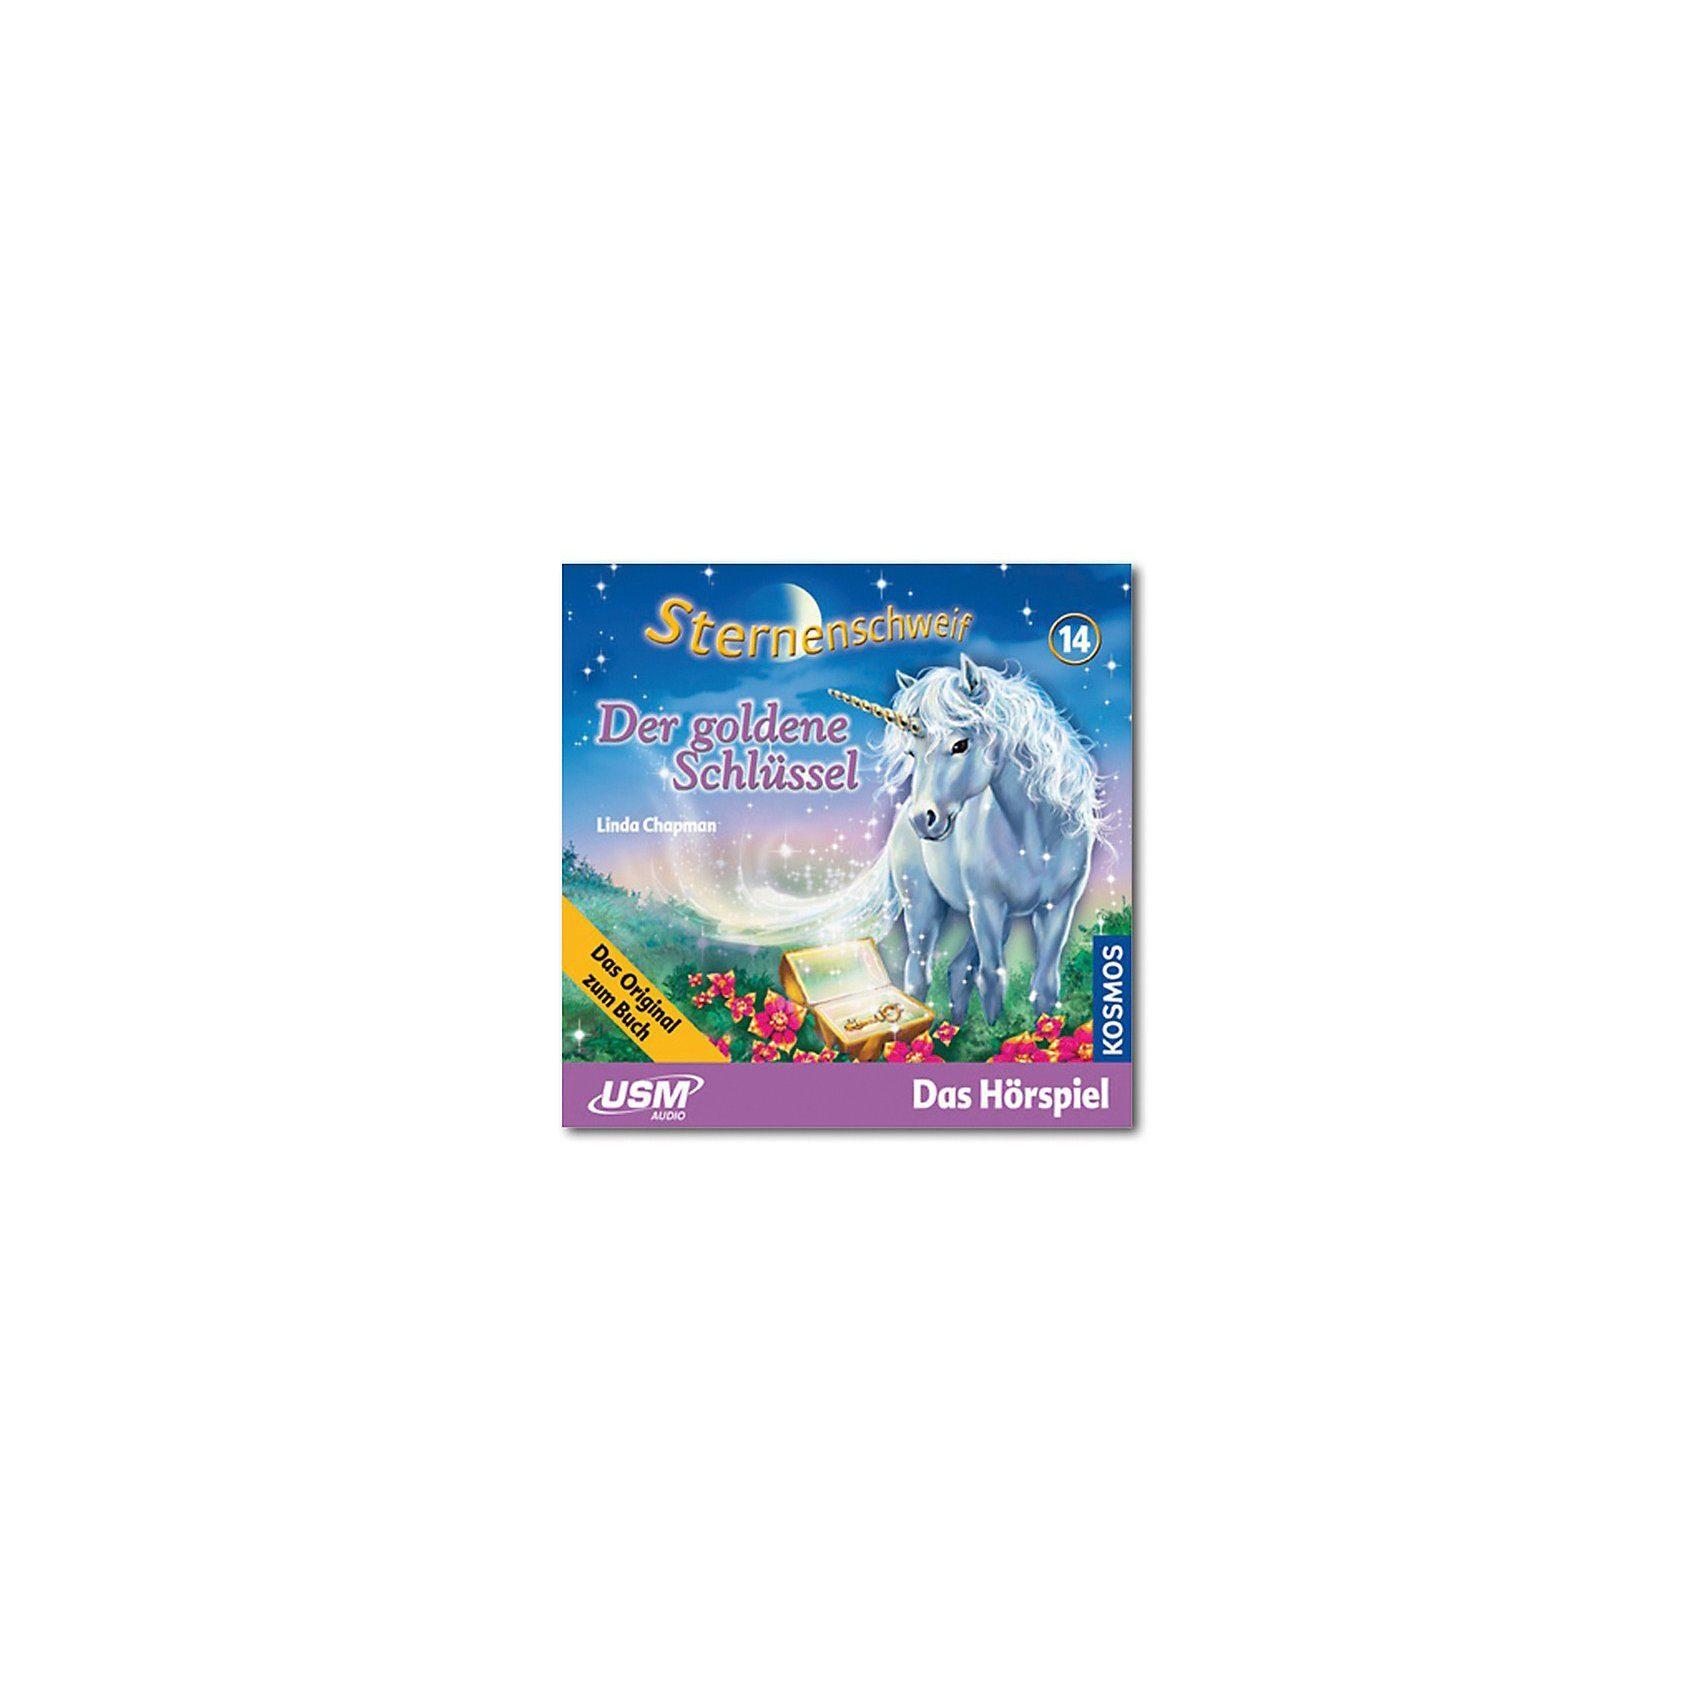 CD Sternenschweif 14 - Der goldene Schlüssel